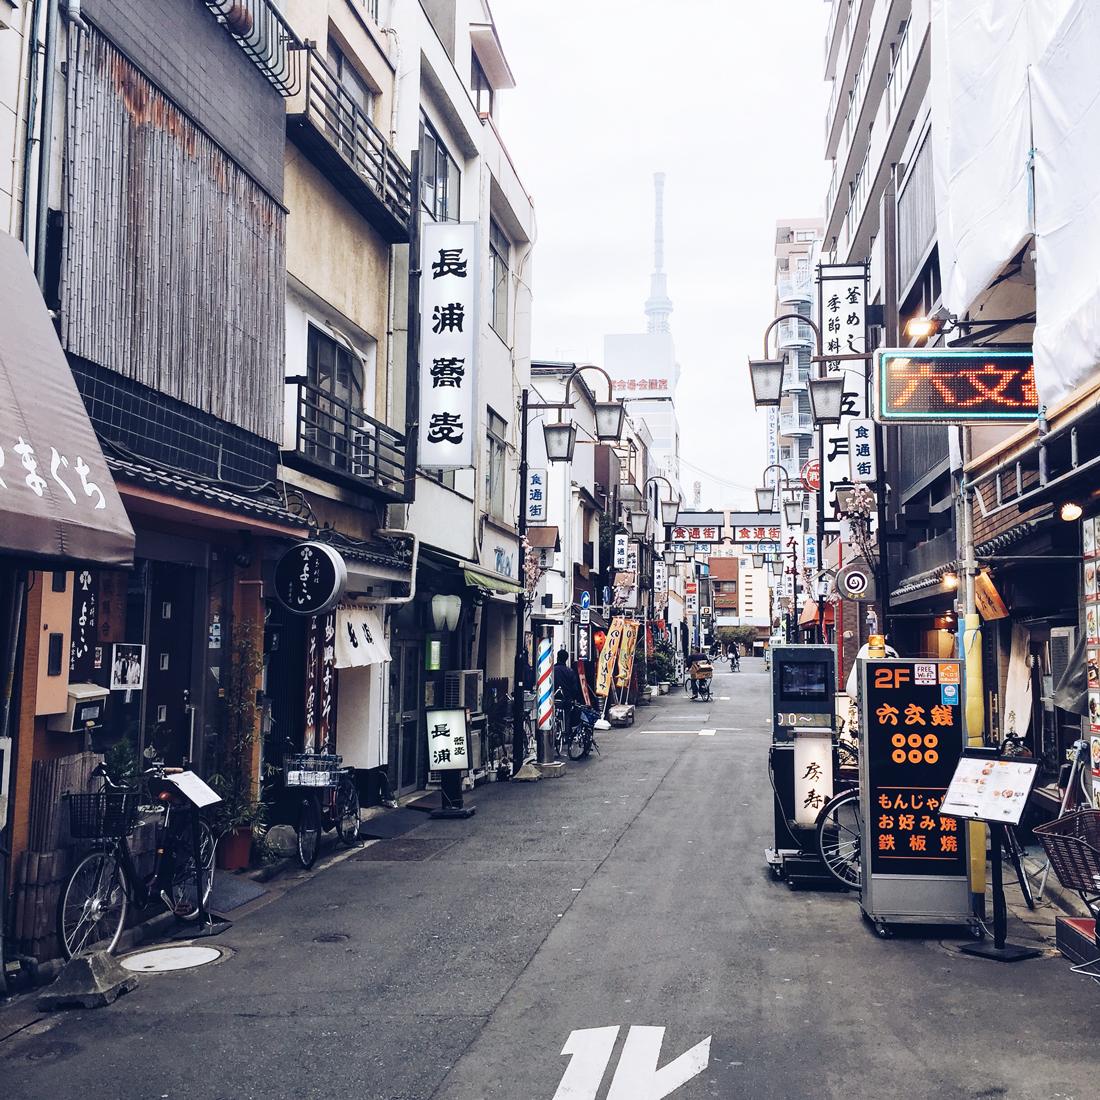 tokyo snap shots, snap shots, tokyo, japan, tokyo sightseeing, henri bendel, cherryblossomstreet, cherryblossoms, sakura, hanami, cherry blossoms japan 2016, pavlova, tokyo streets